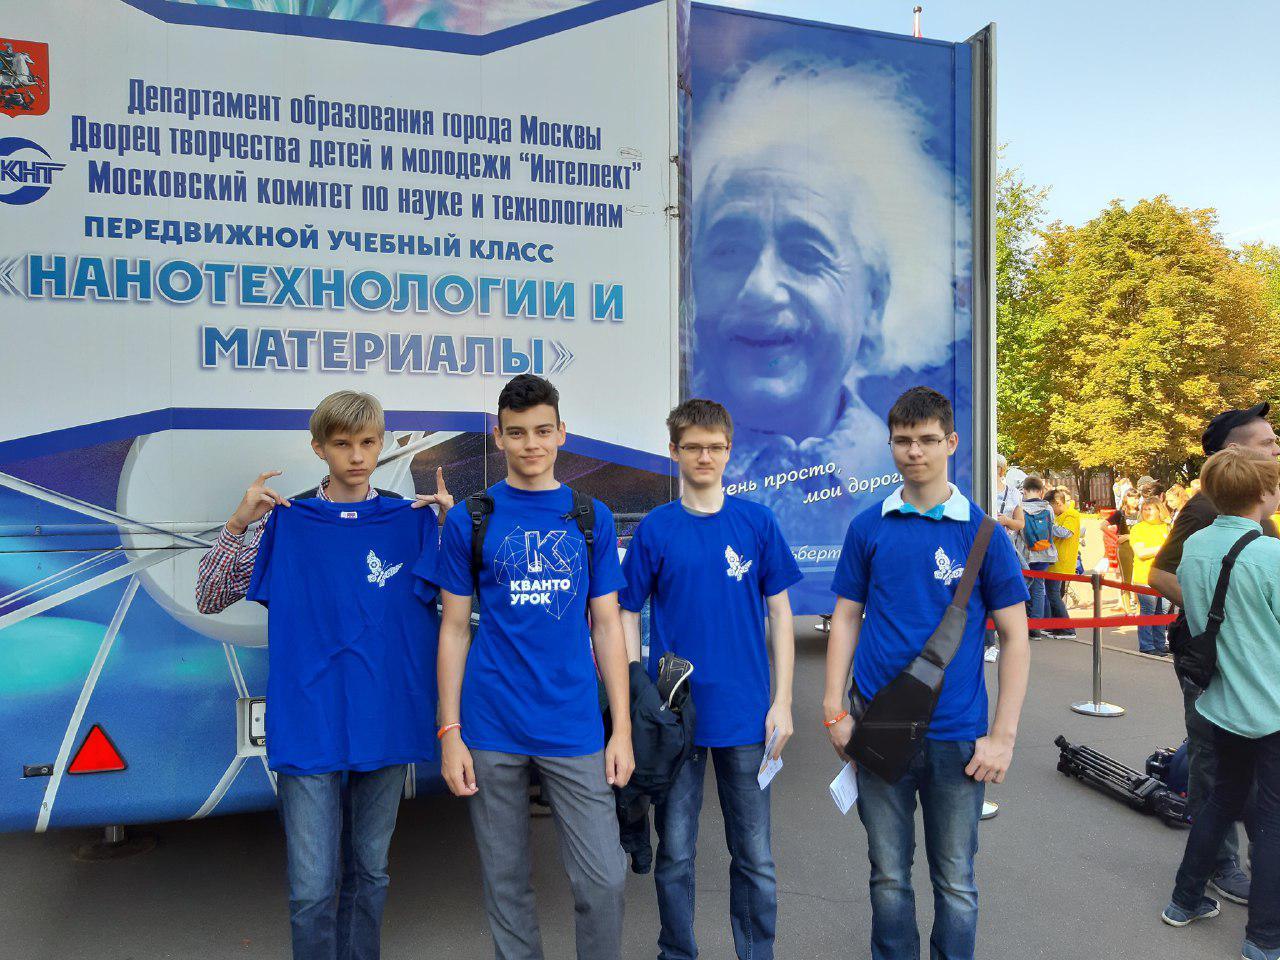 Десятиклассники из школы № 641 посетили «Квантоурок»